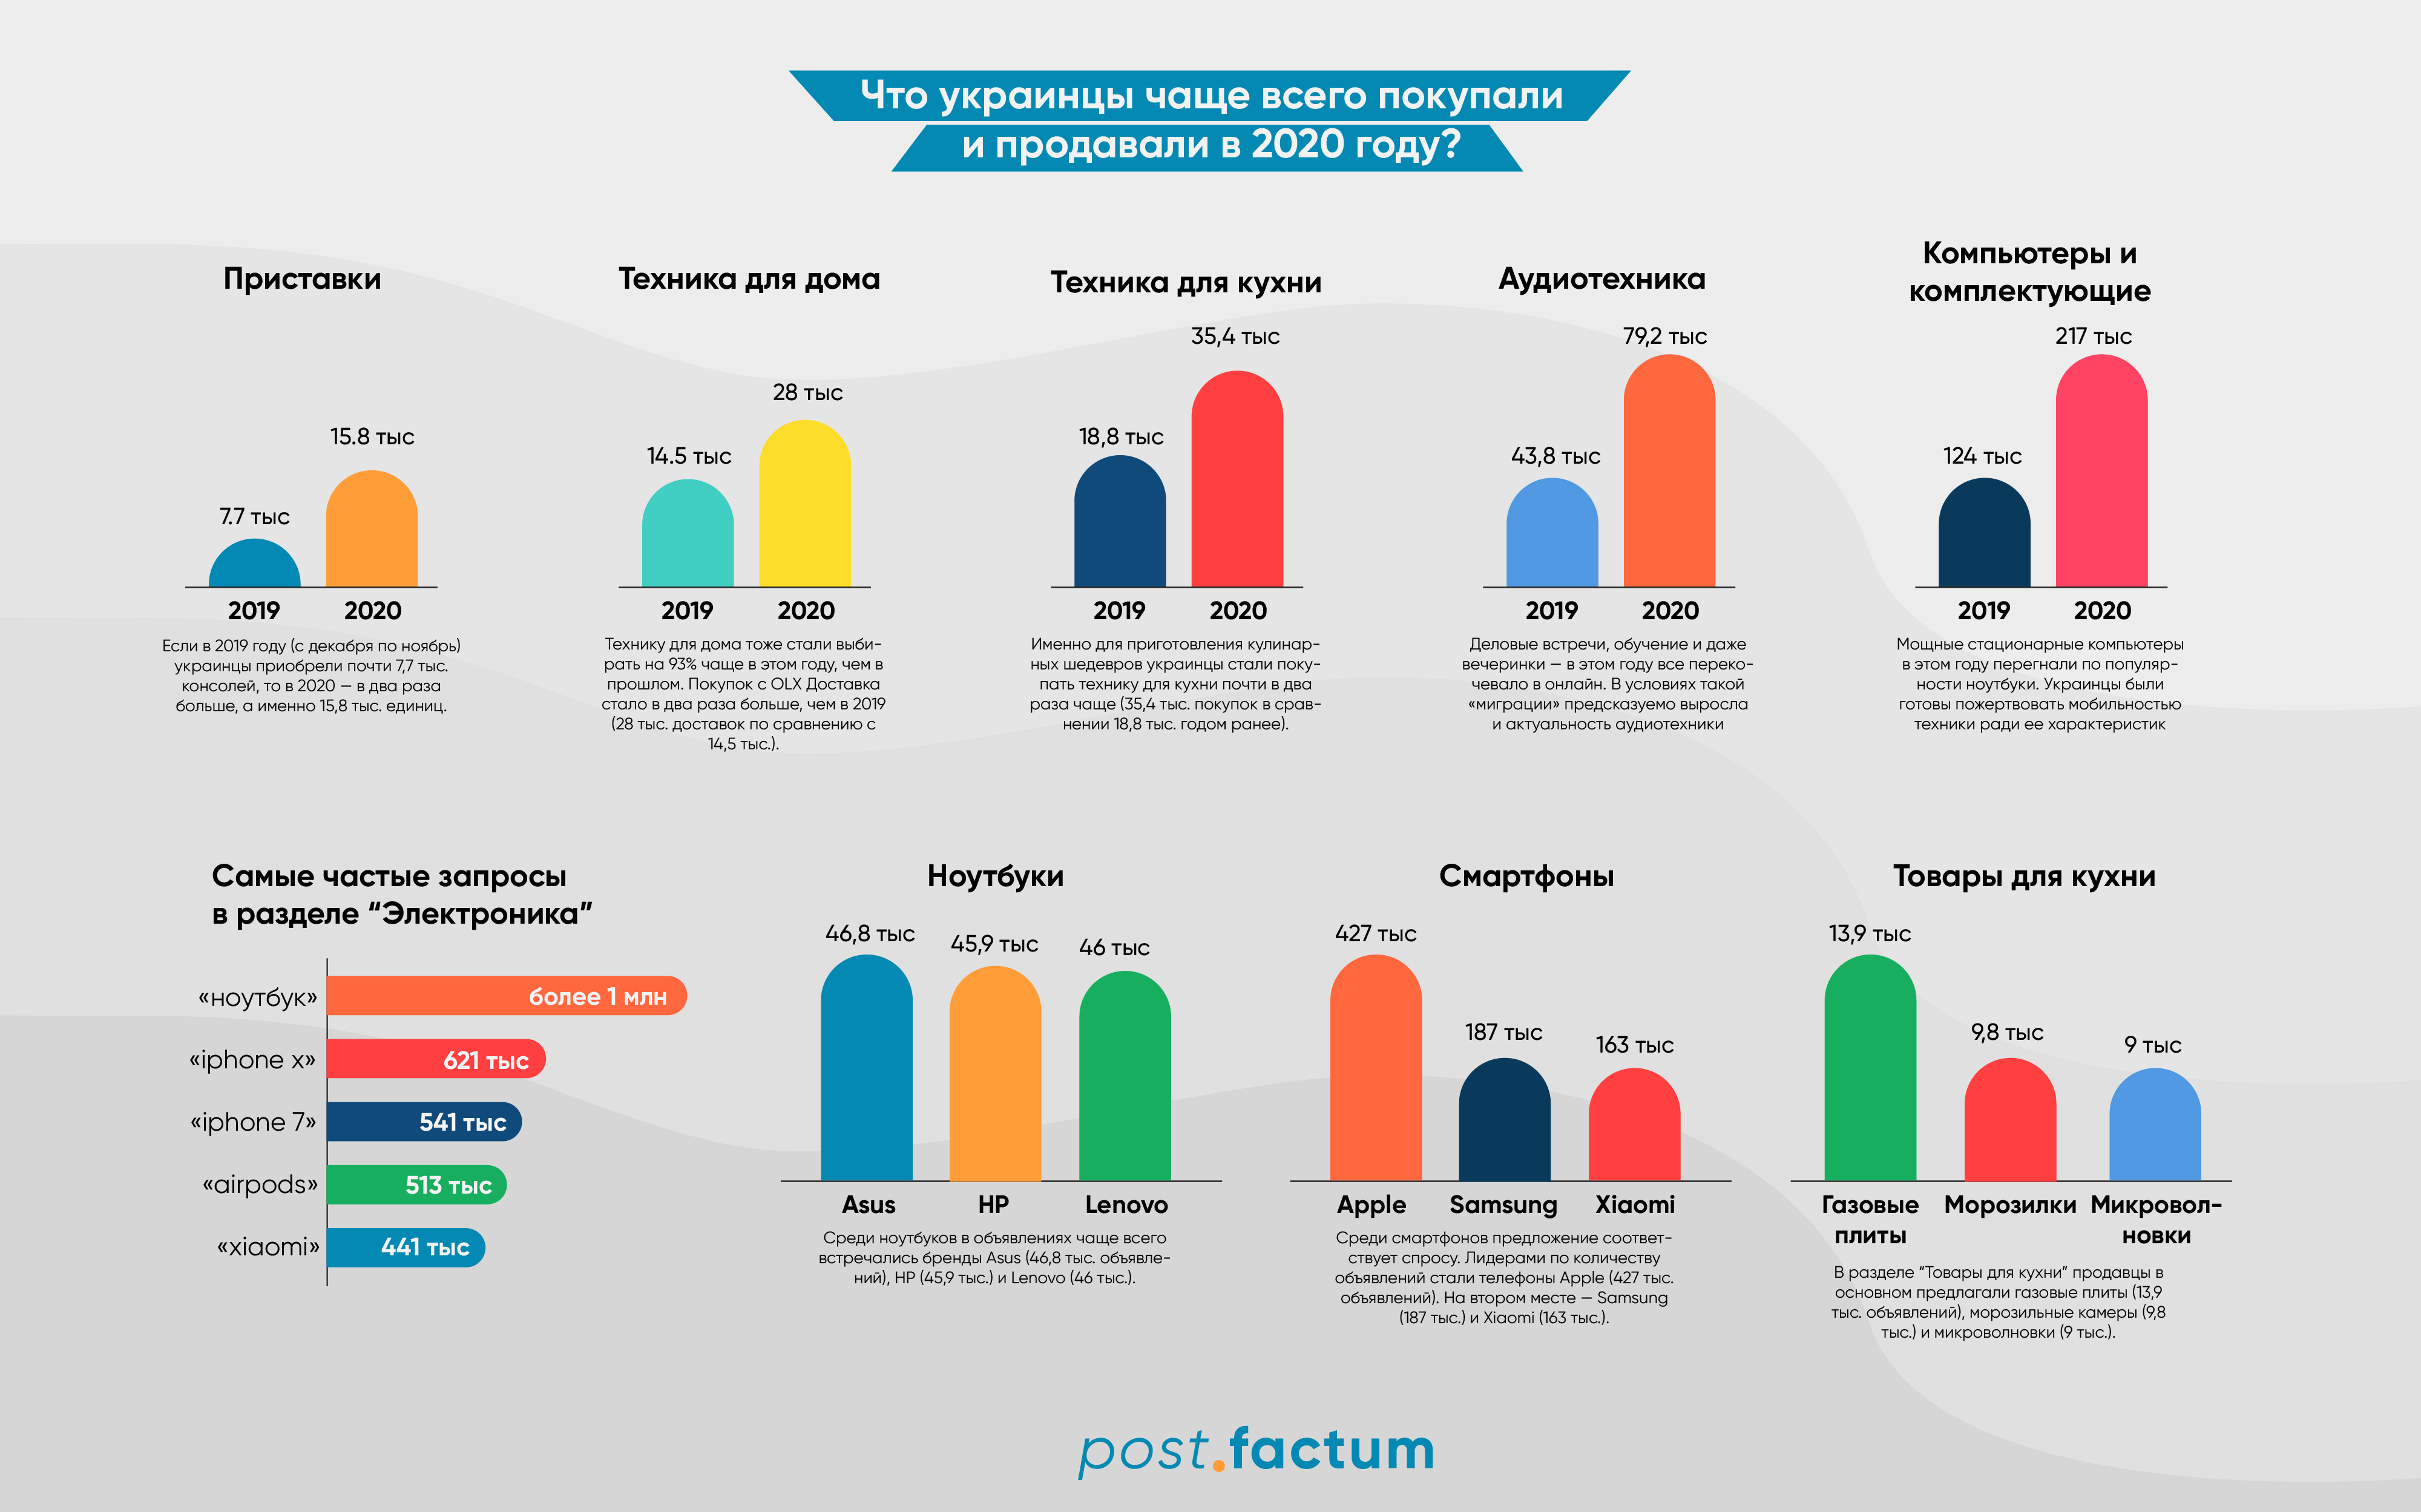 Инфографика: какую технику украинцы покупают на карантине чаще всего — фото 1